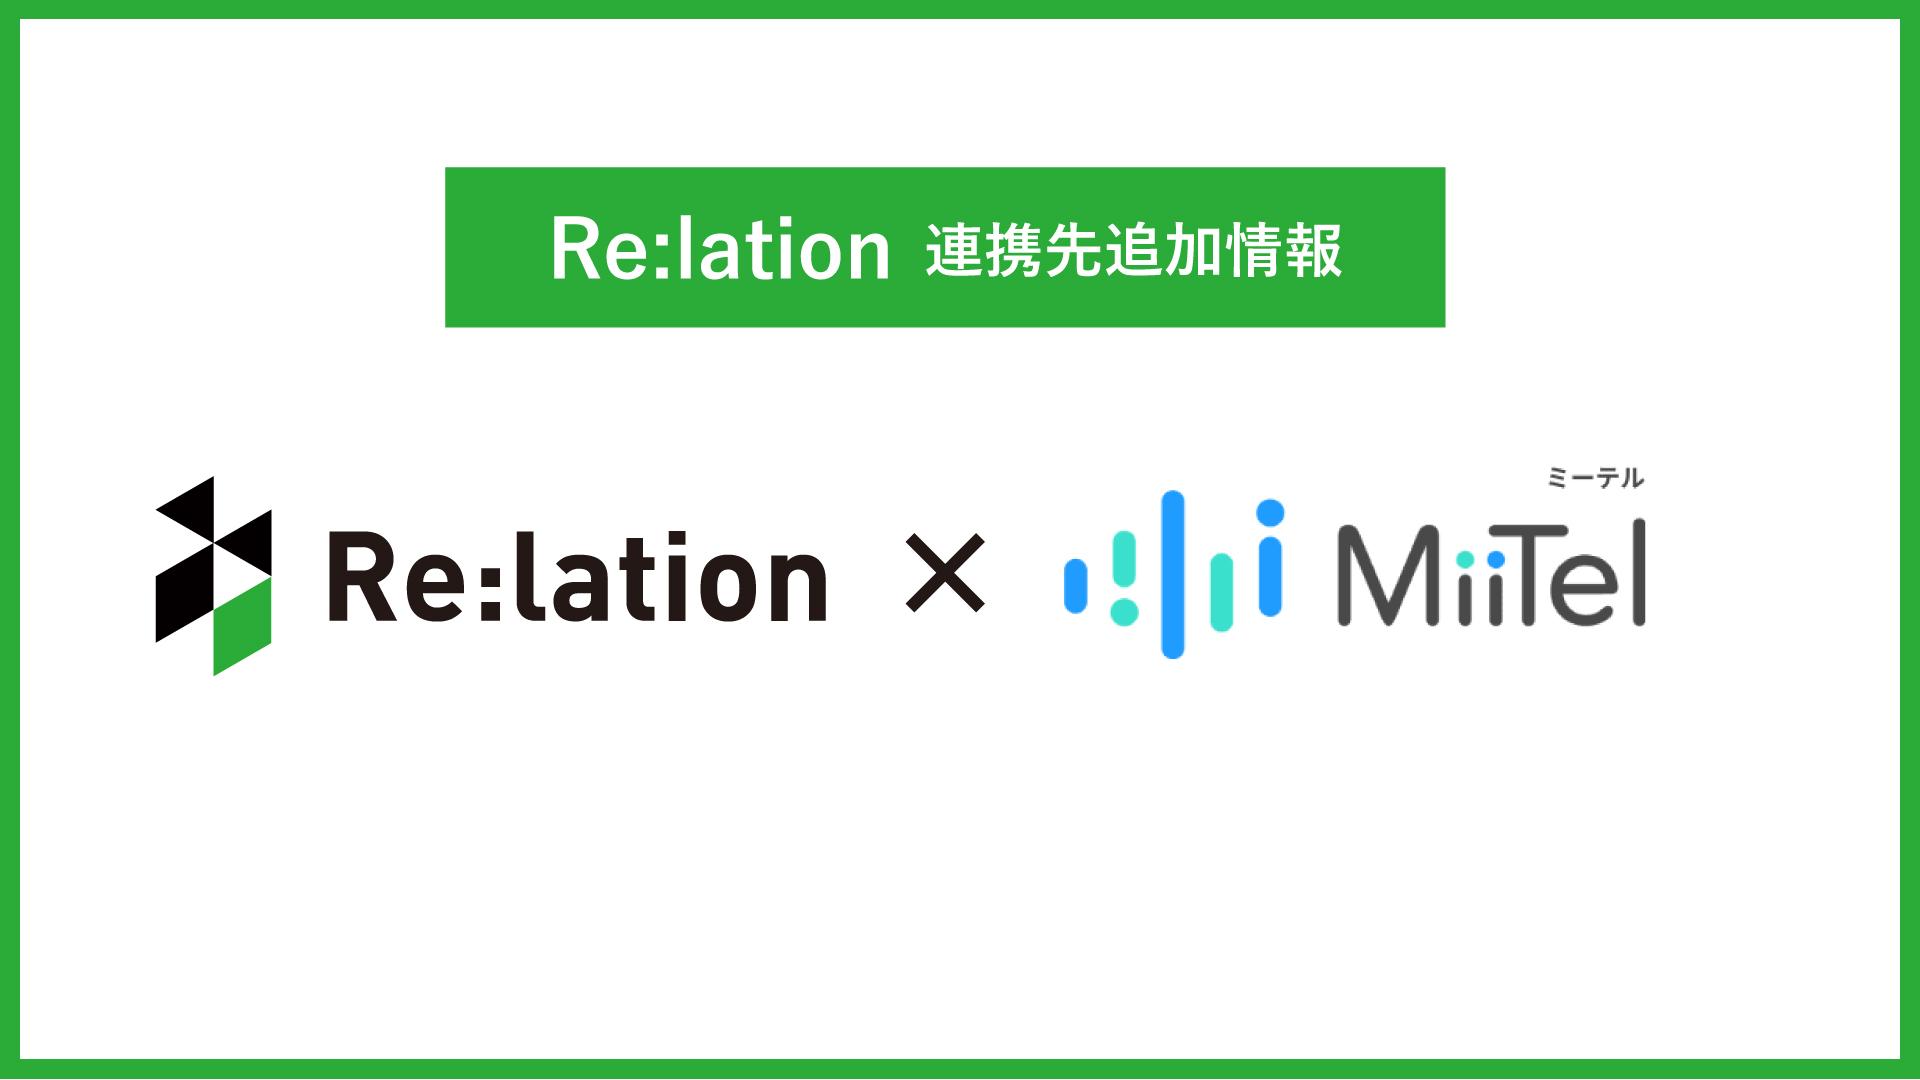 顧客対応ツール「Re:lation(リレーション)」が音声解析AI電話「MiiTel(ミーテル)」と連携